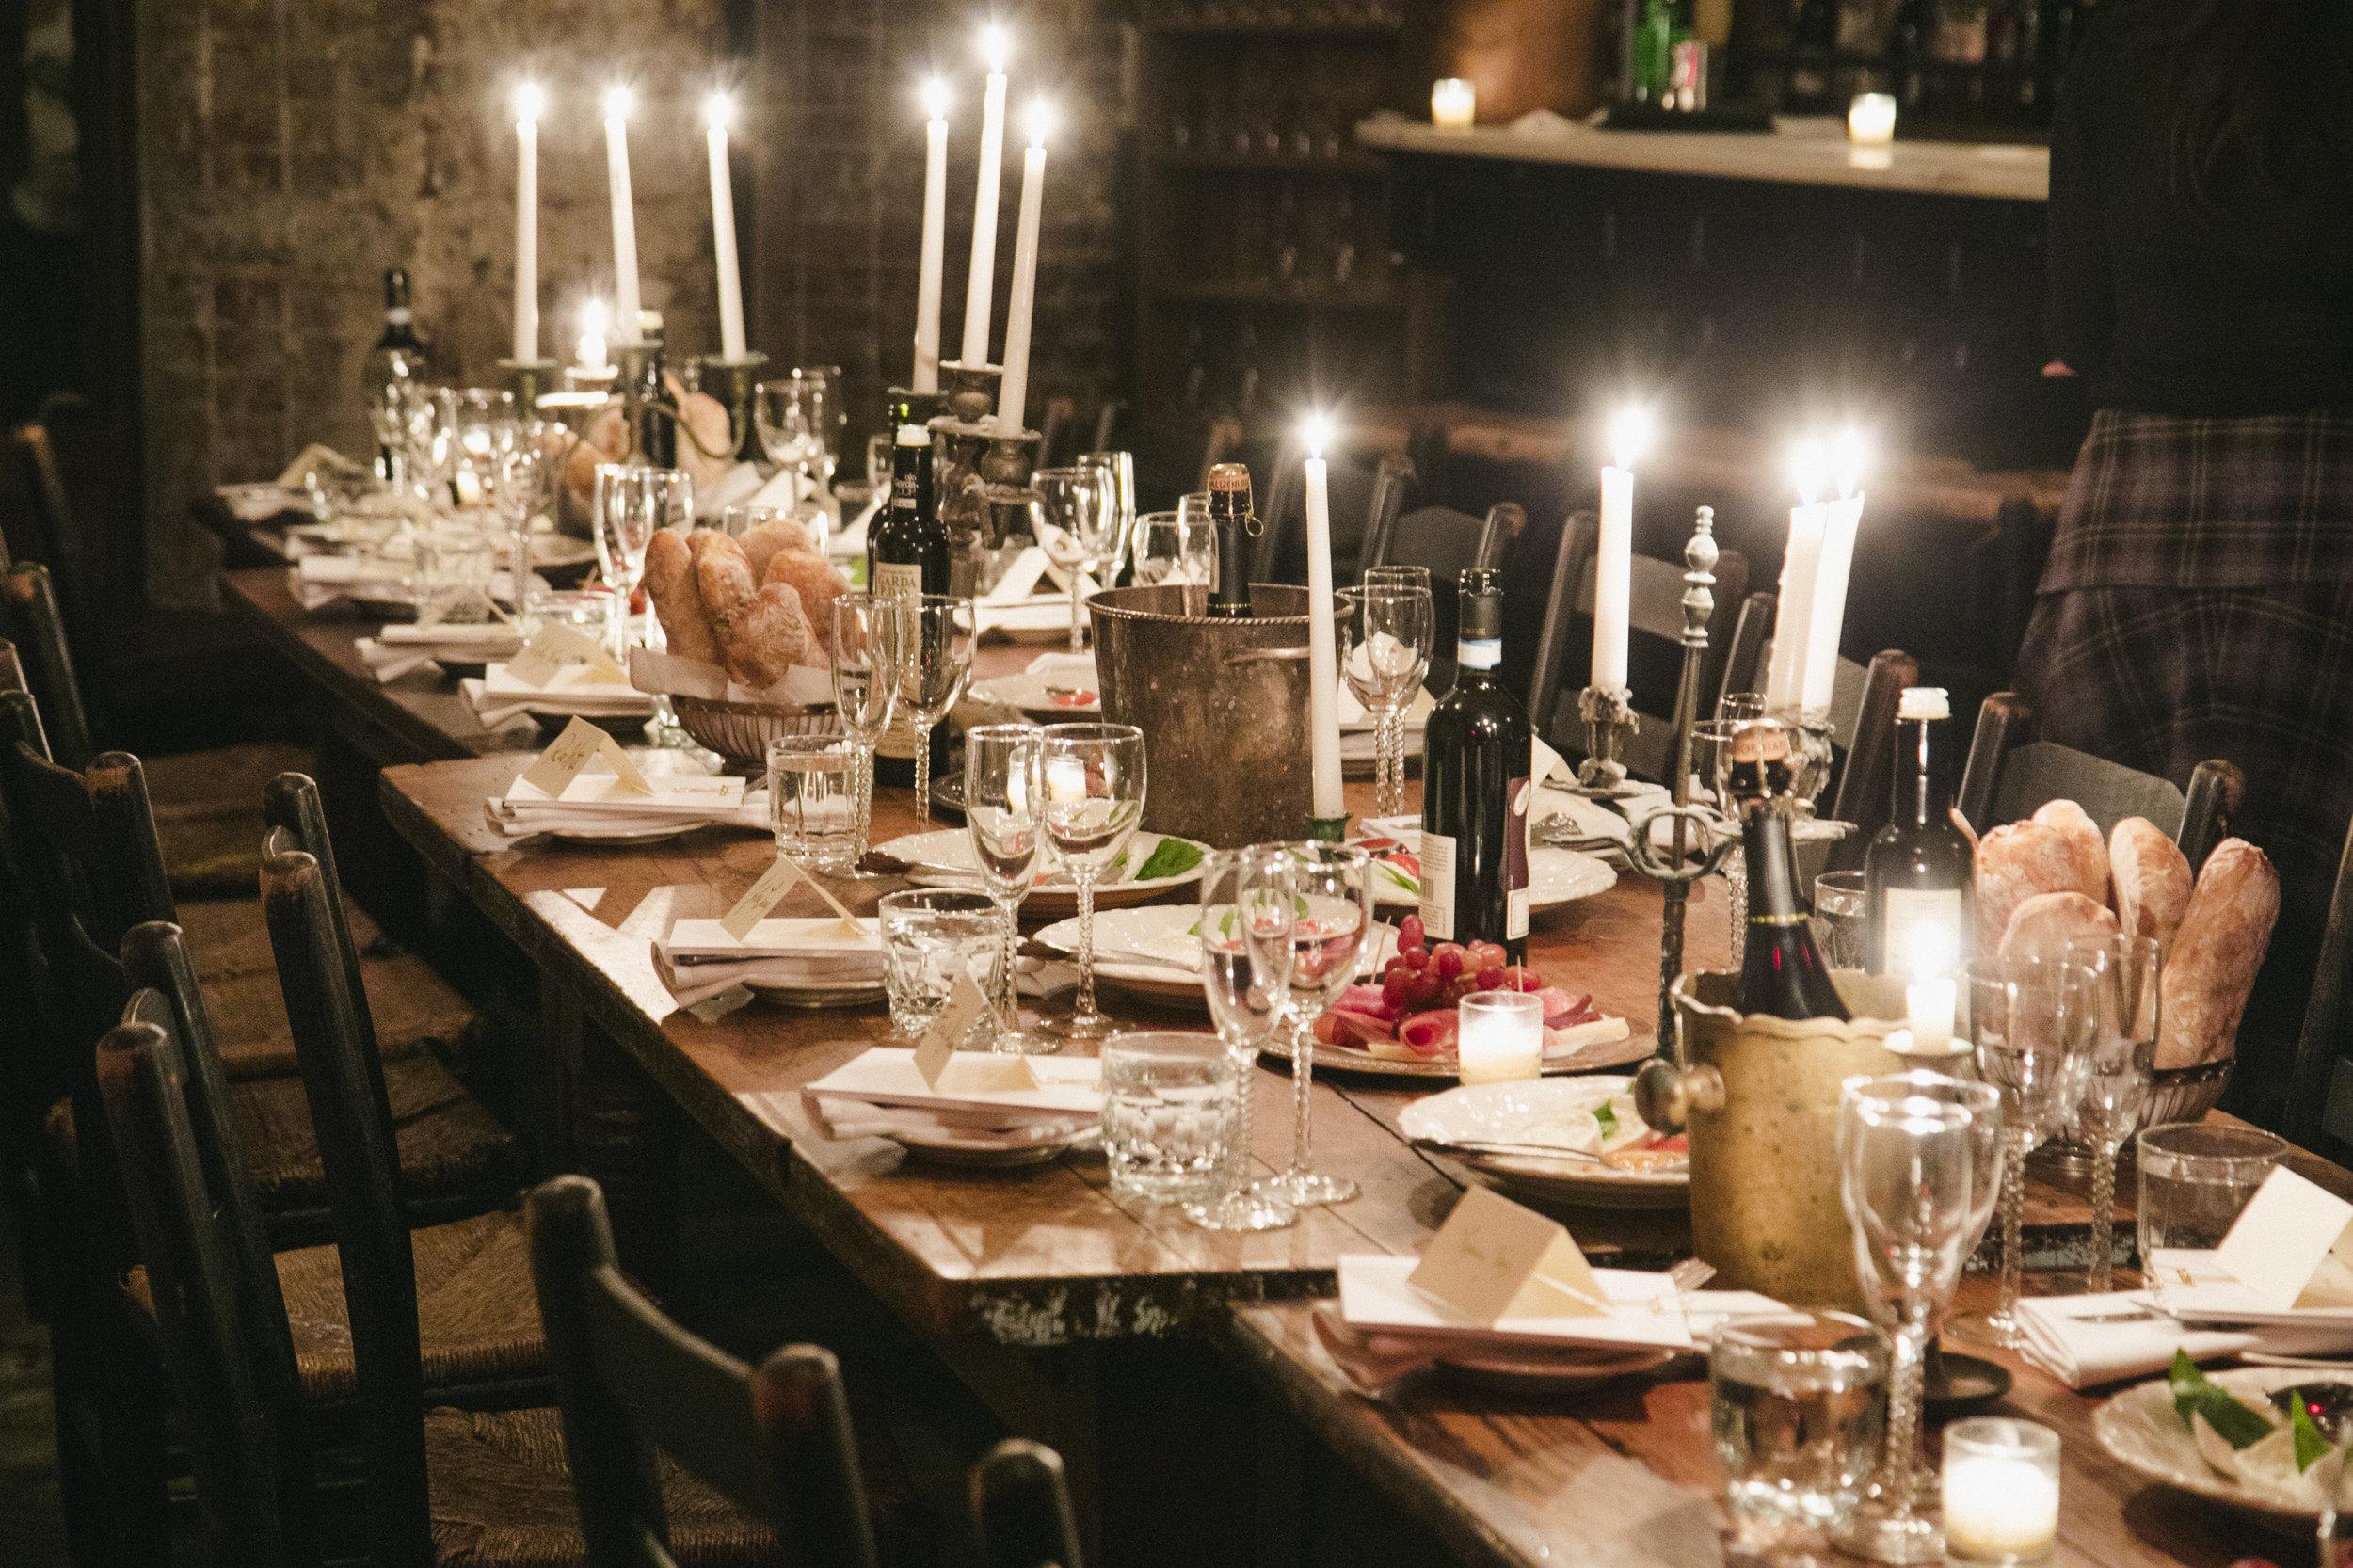 161207_LUANA_Dinner_027_HI.jpg